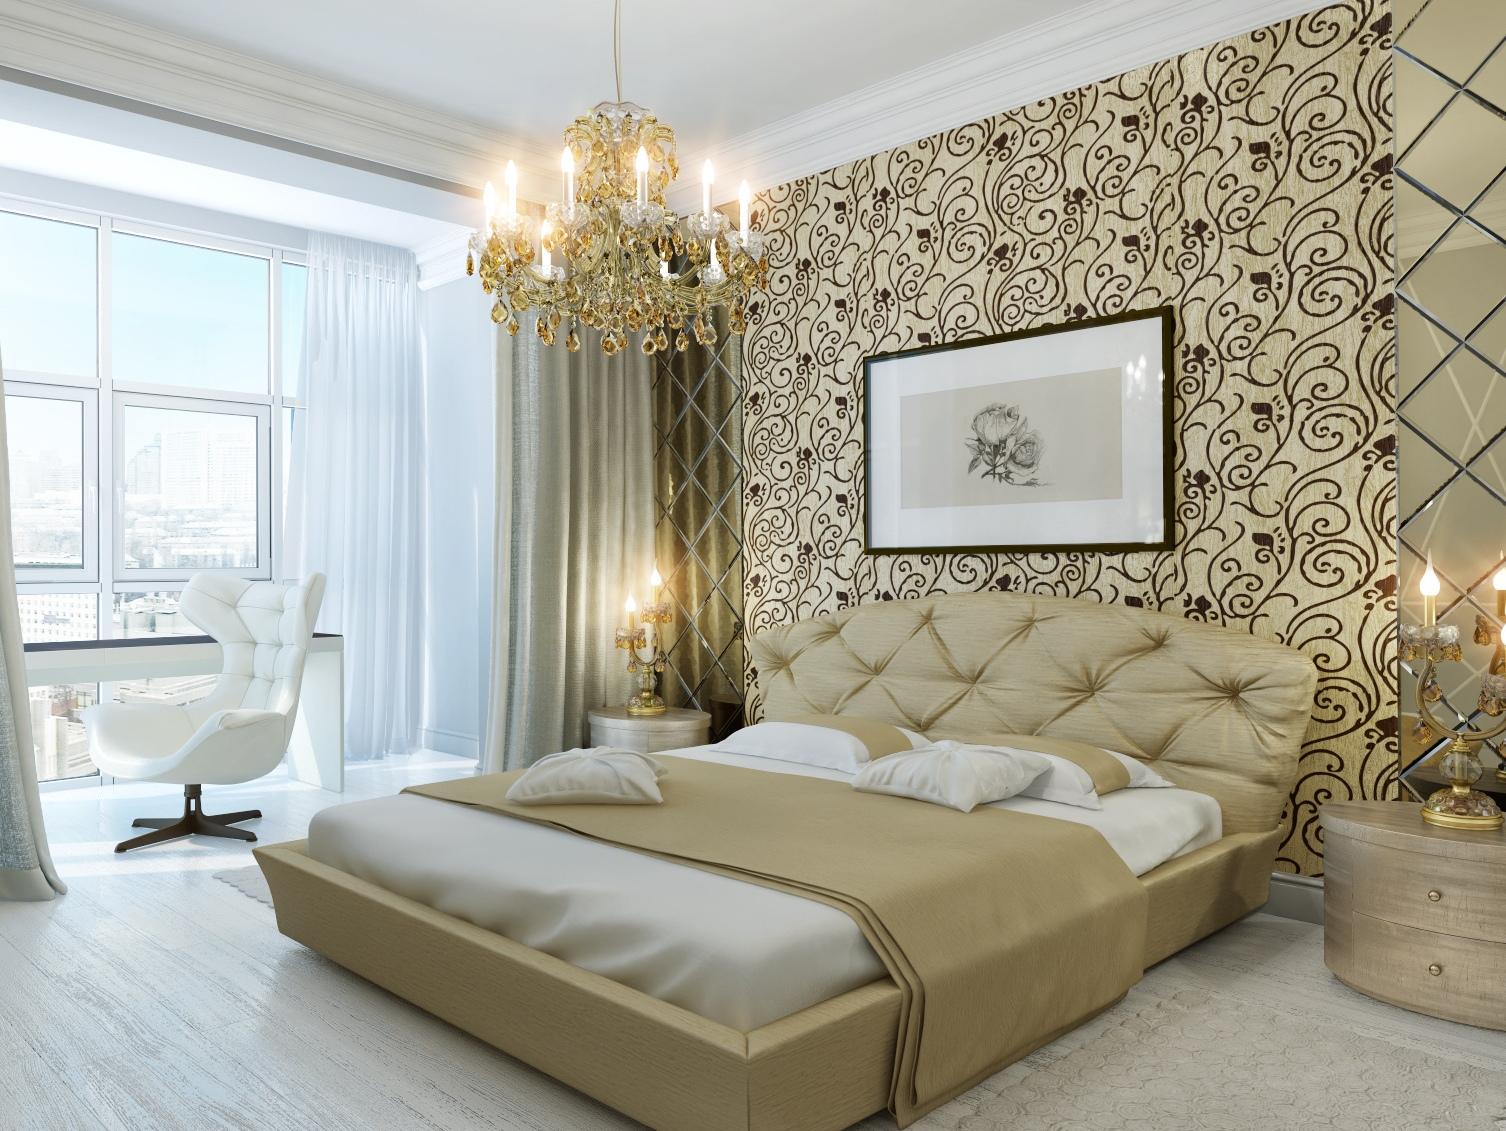 Tapete schlafzimmer beige